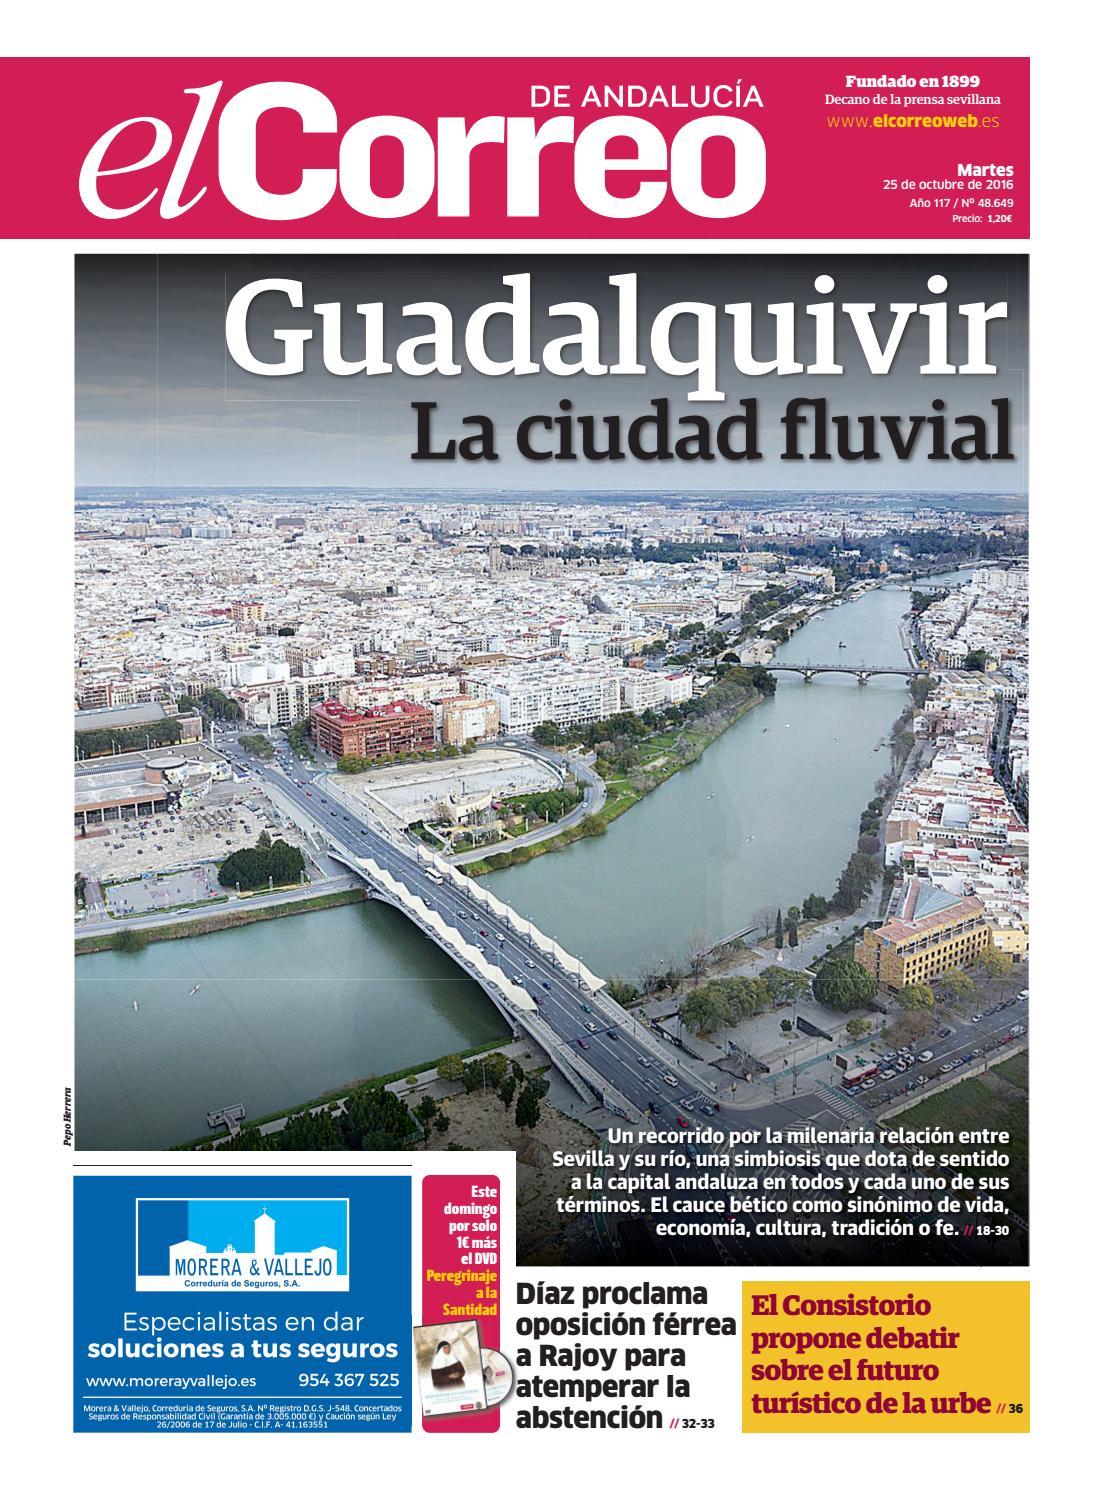 25 10 16 El Correo de Andalucia by EL CORREO DE ANDALUCÍA S.L. - issuu d7a28acddc01